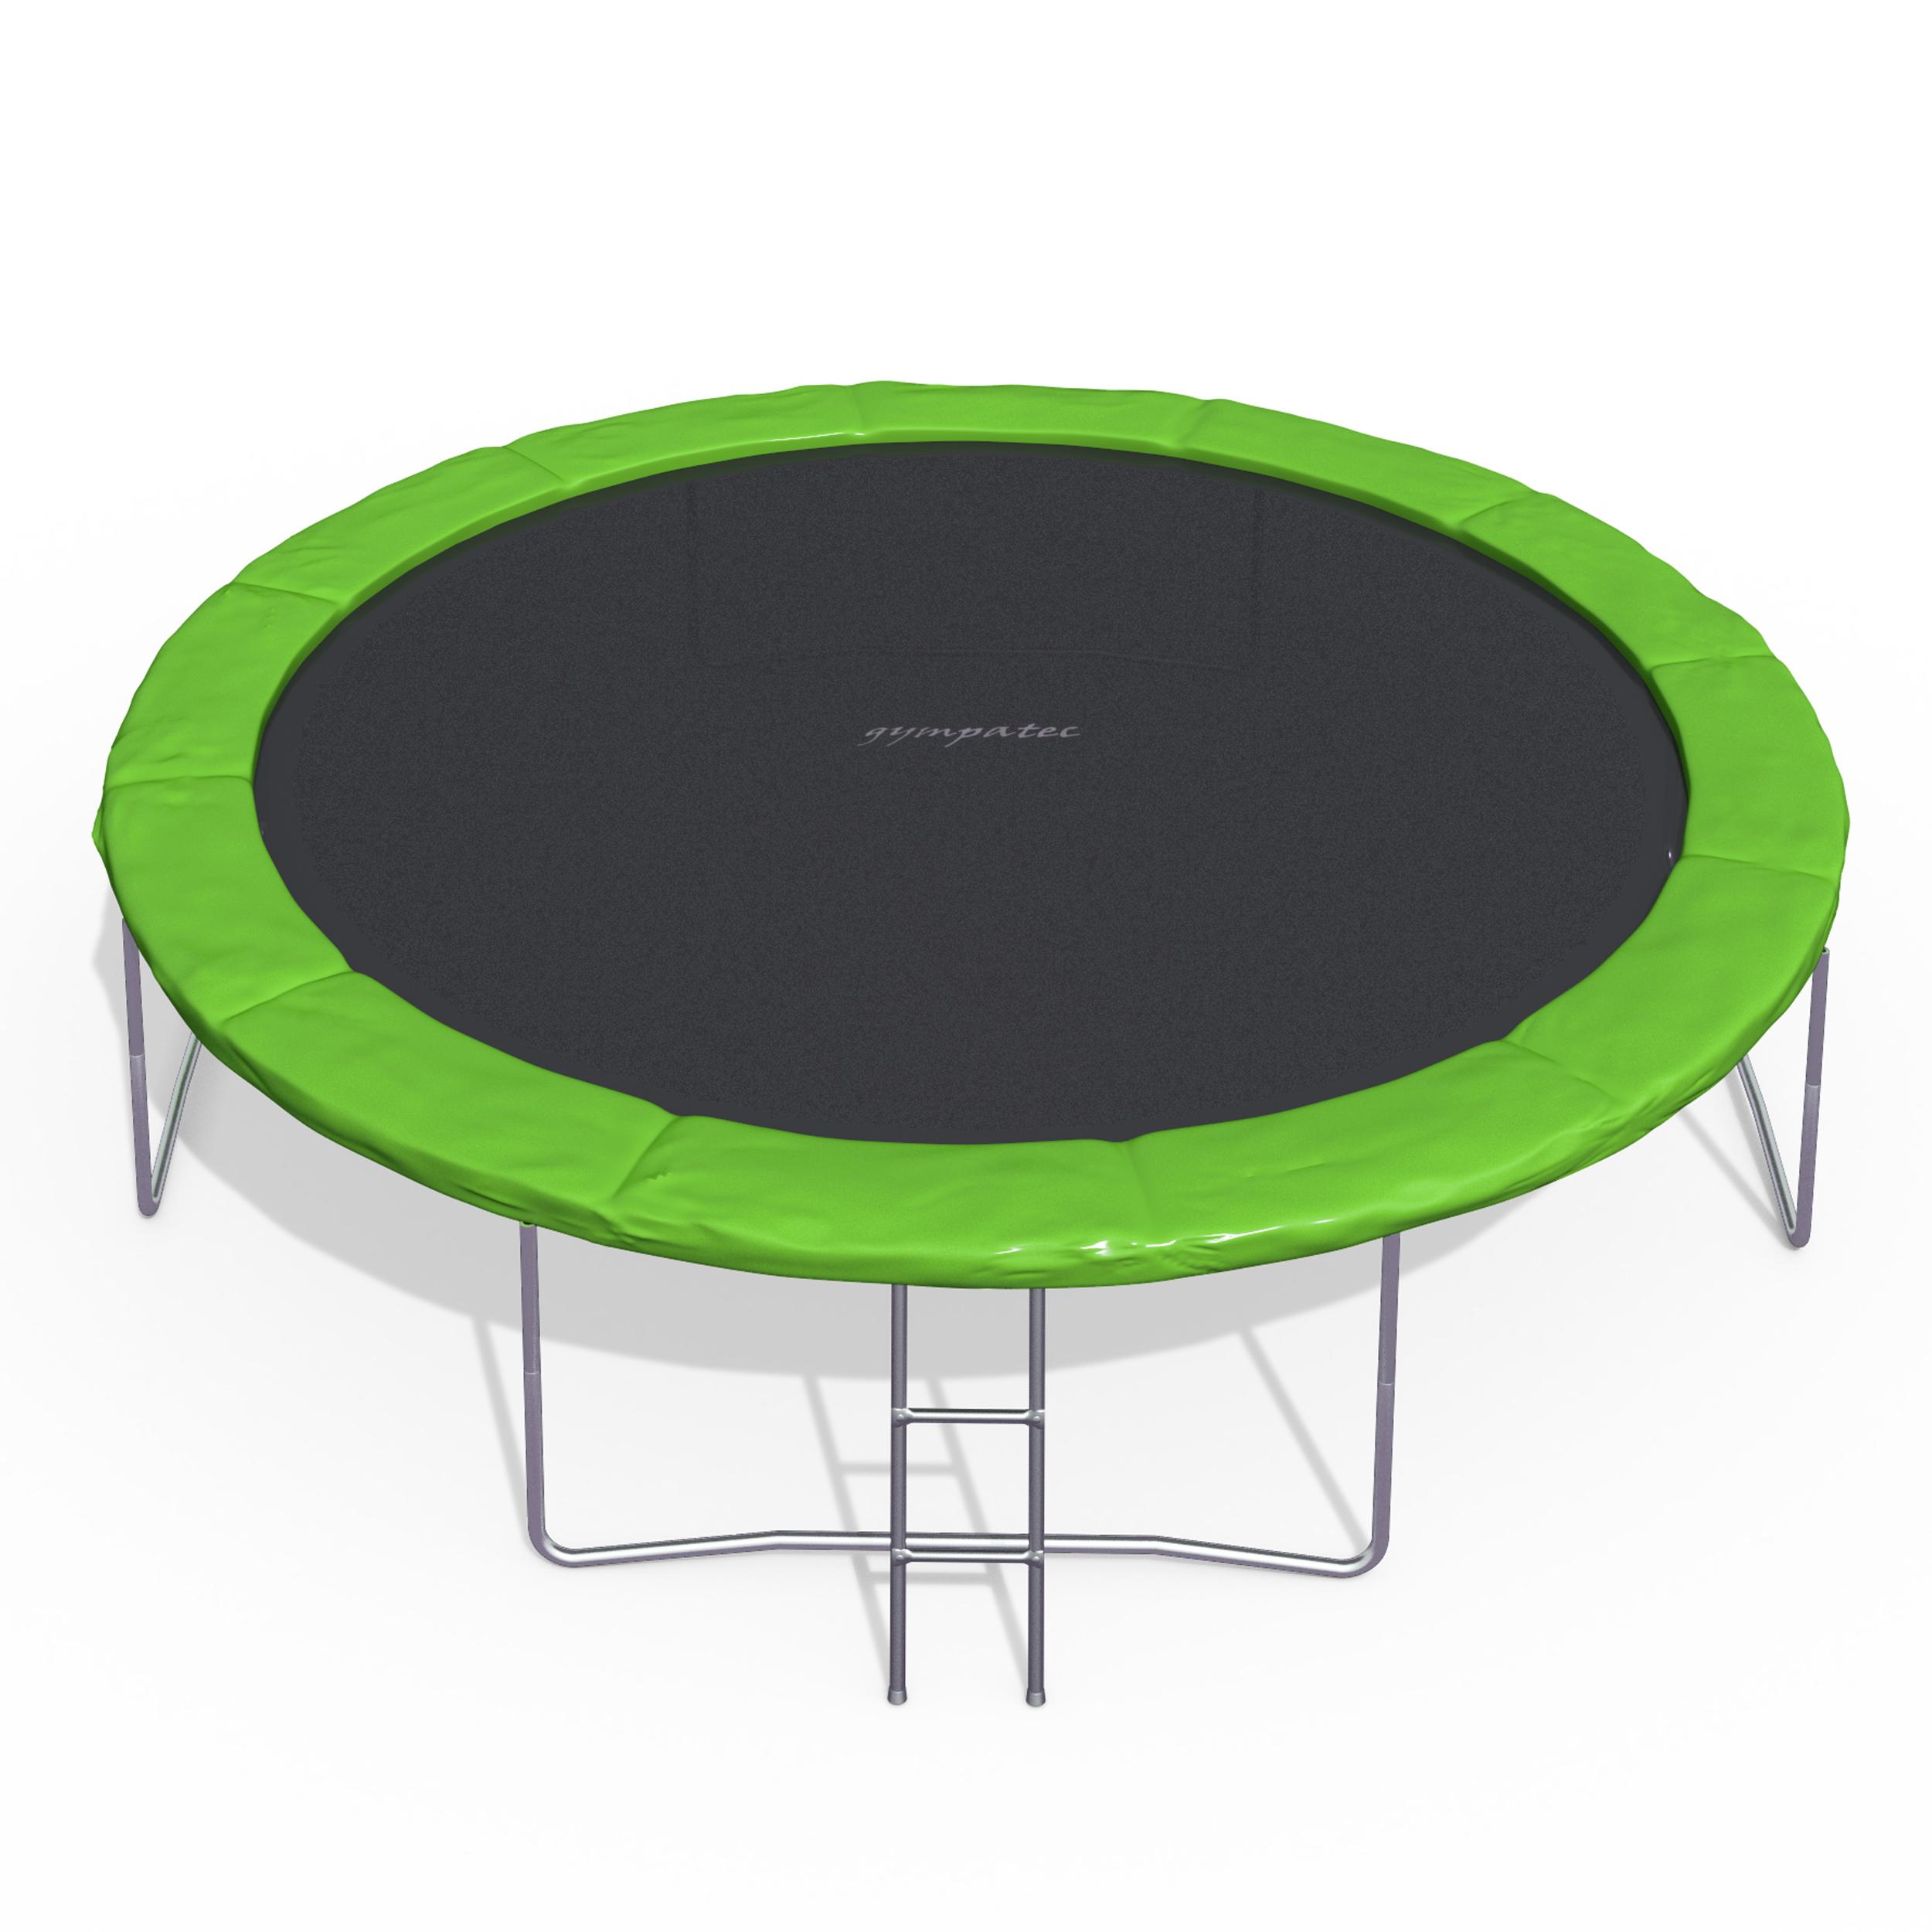 Lona de saltos estera repuesto para cama el stica 4 30m for Repuesto para toldos lona